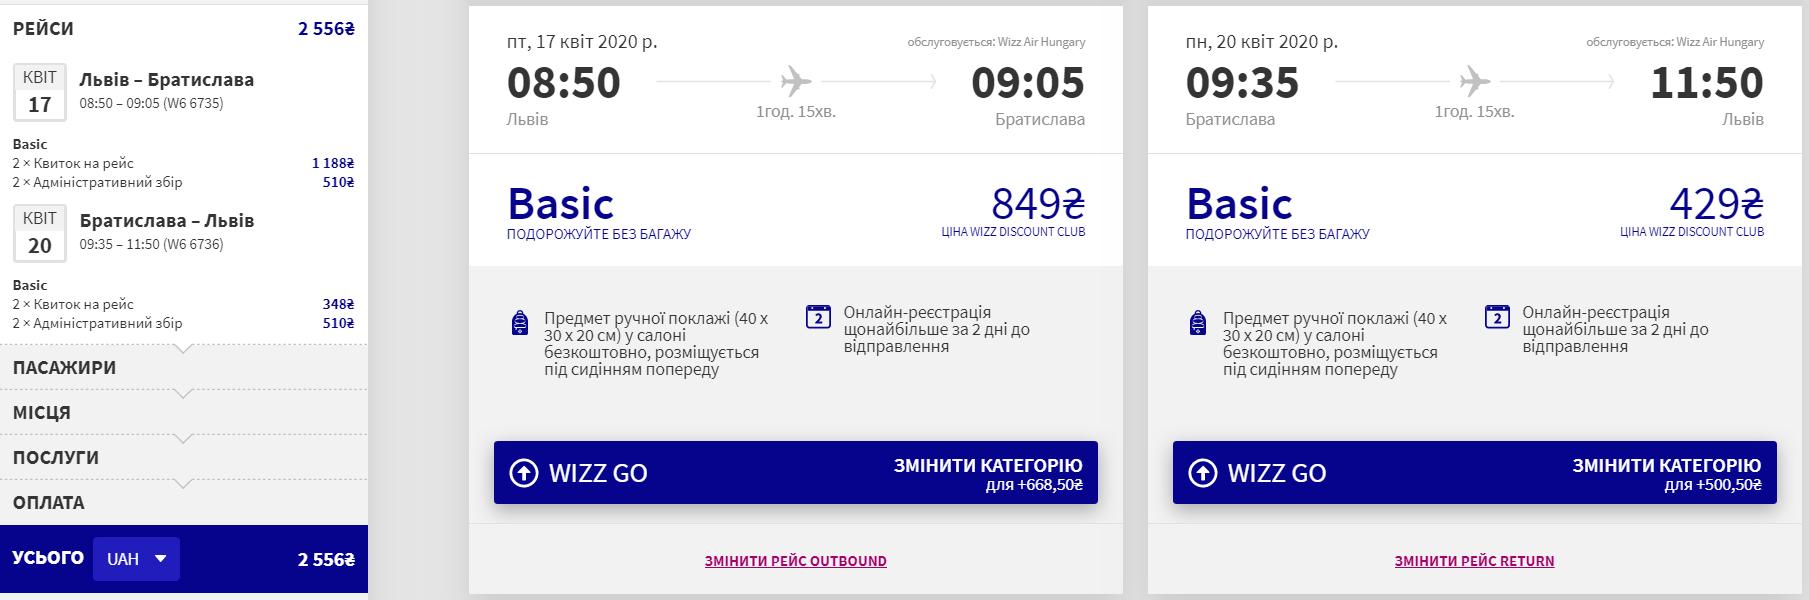 Львів - Братислава - Львів >>